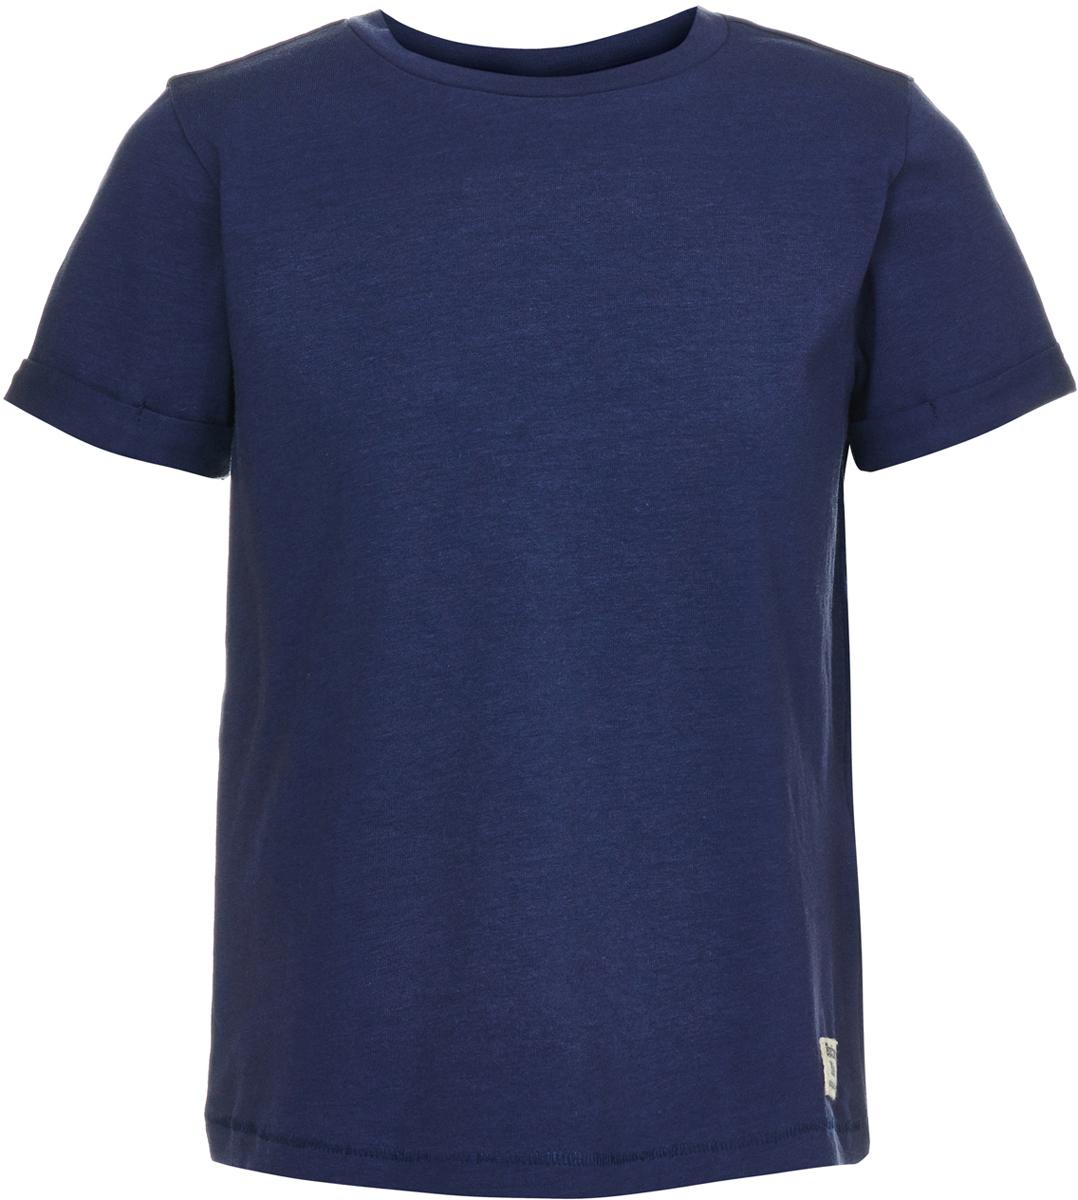 Футболка для мальчика Button Blue, цвет: темно-синий. 118BBBC12011000. Размер 110118BBBC12011000Легкая трикотажная однотонная футболка от Button Blue - идеальная одежда на лето для мальчика. Футболка с коротким рукавом изготовлена из эластичного хлопка. Круглый вырез горловины дополнен трикотажной резинкой. Такая футболка станет основой множества образов, а универсальный цвет модели позволяет ей удачно смотреться в сочетании с самыми разными цветами и оттенками.